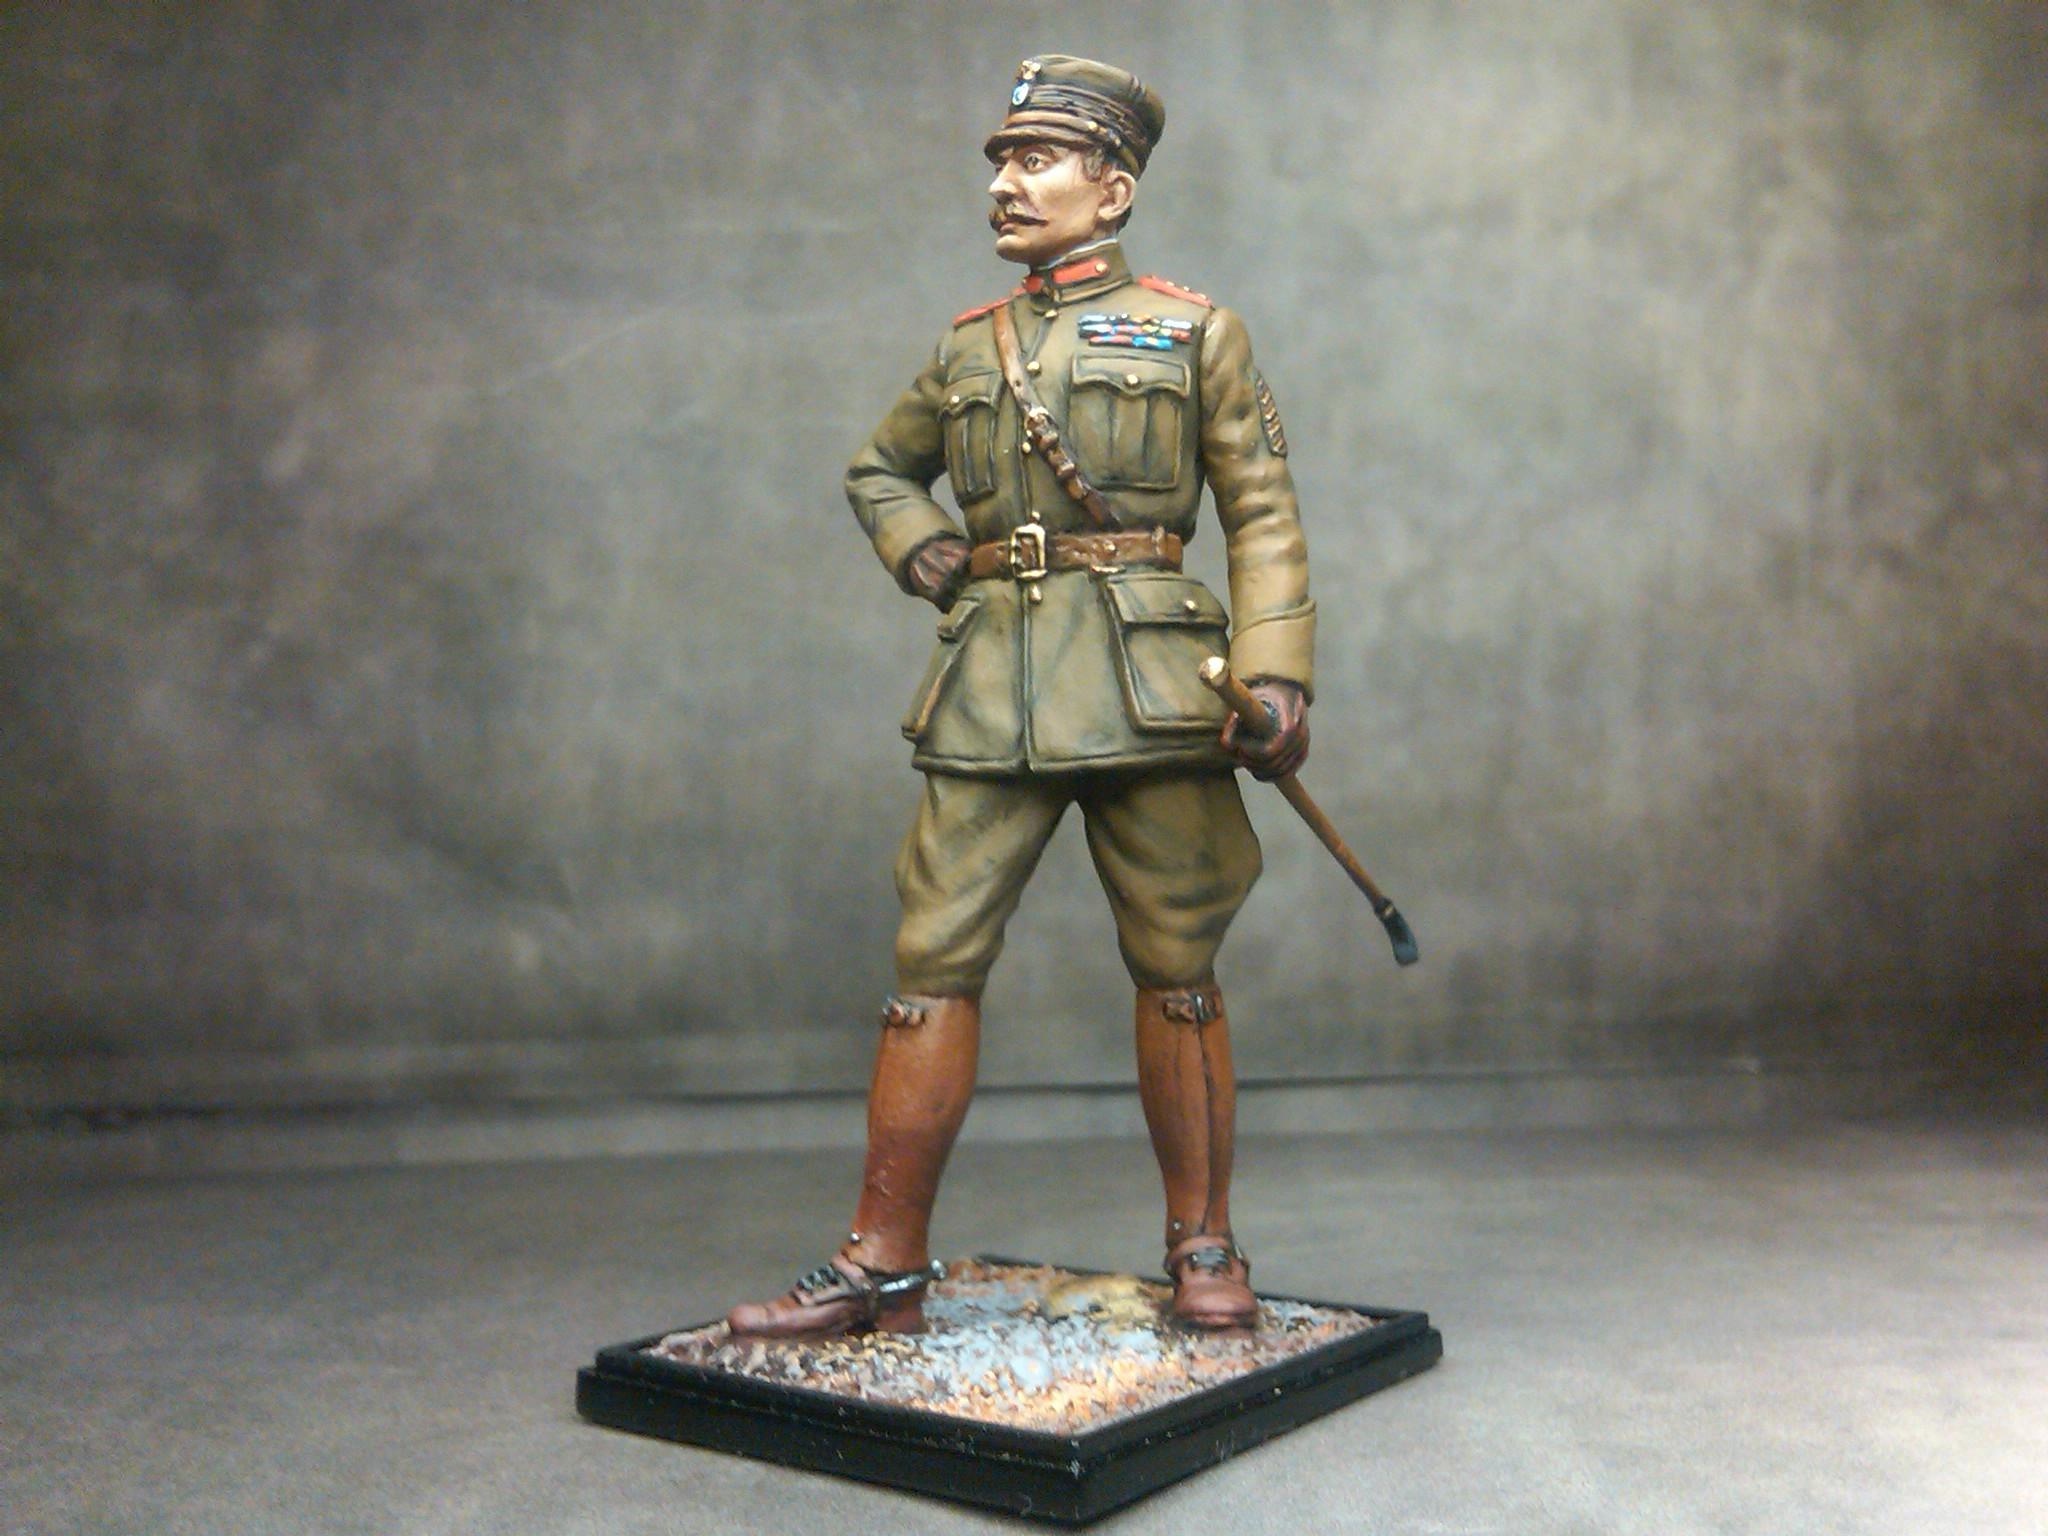 Νικολαος Πλαστήρας , Μικρά Ασία,  στρατός, εύζωνες, Plastiras. Greek Army